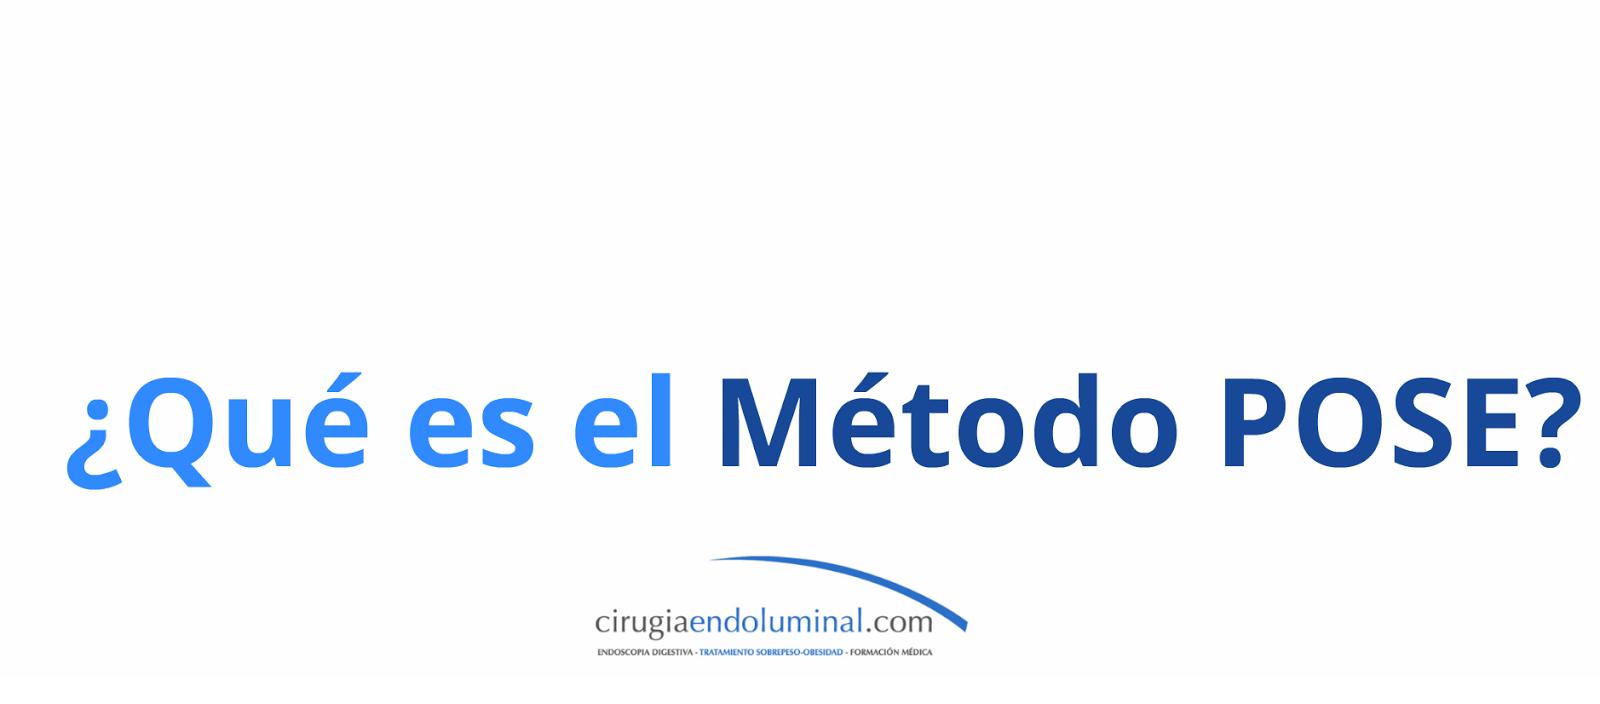 Presentación ¿Qué es el Método POSE?